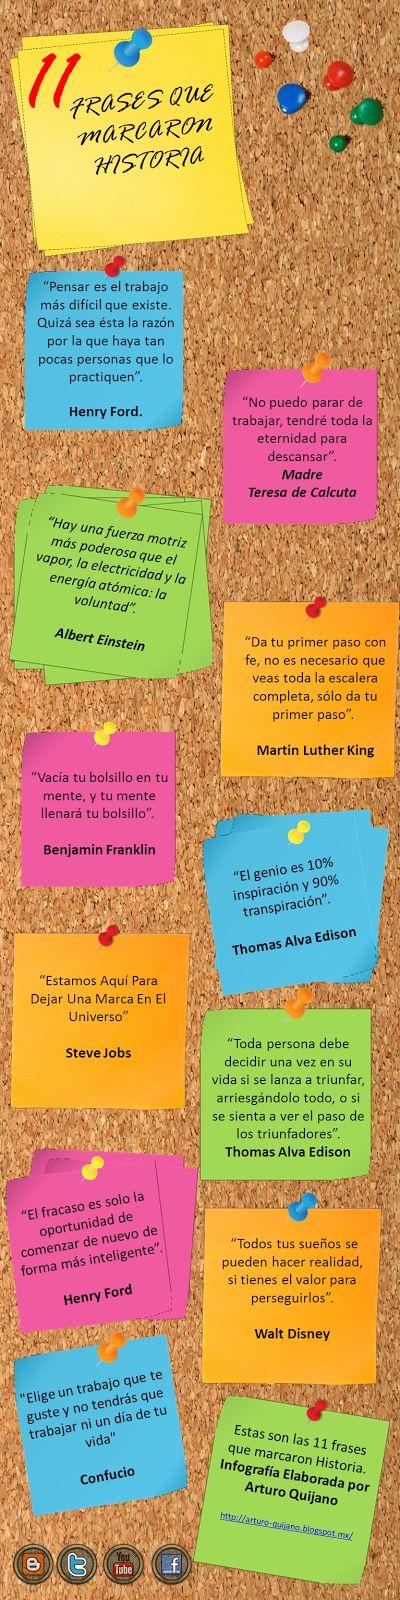 11 Frases para emprendedores que Marcaron la Historia (Infografía)